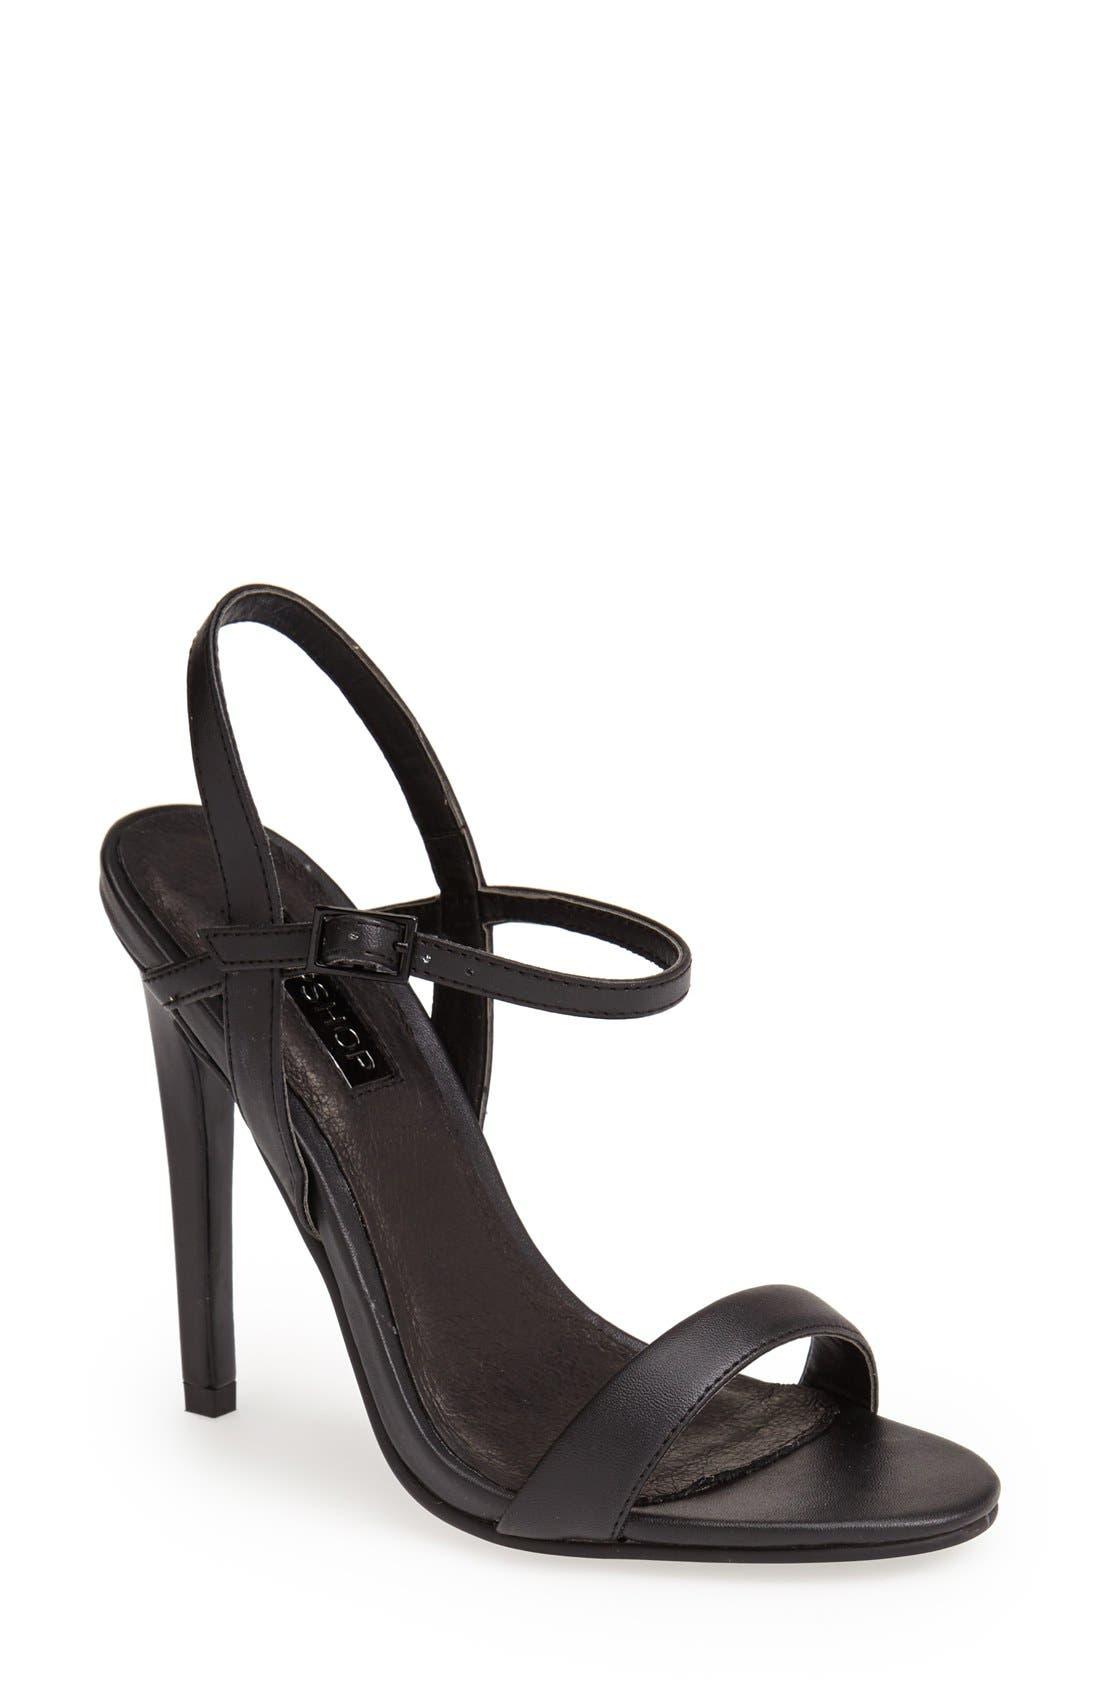 'Rolo' Ankle Strap Sandal, Main, color, 001